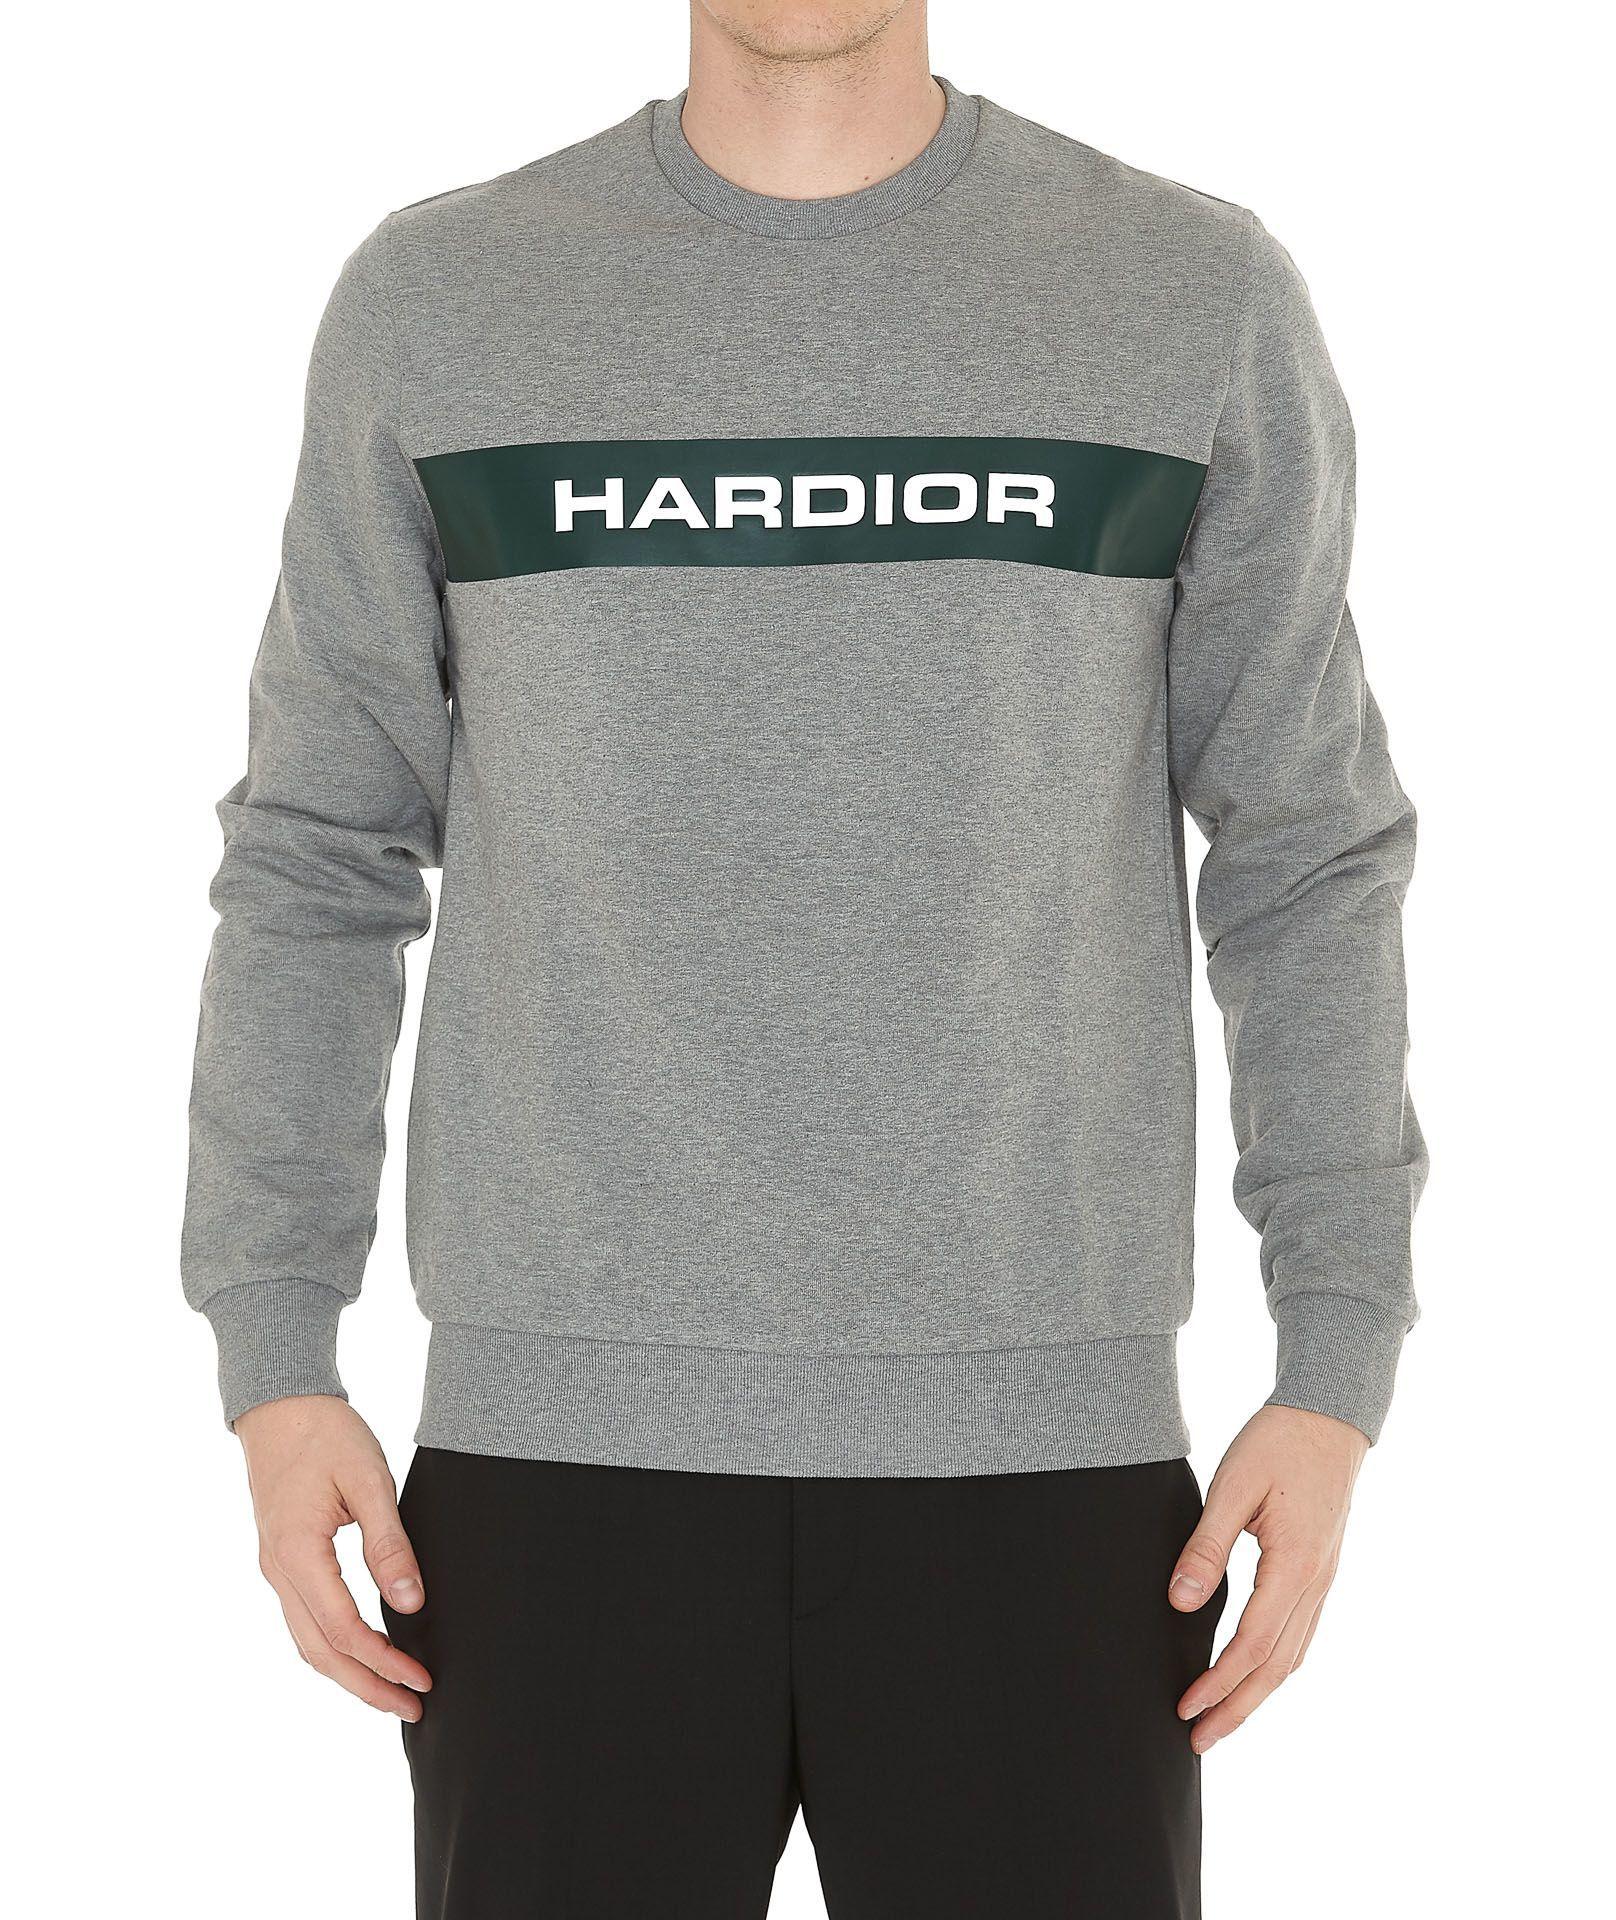 687889e62c65b Sweatshirt With